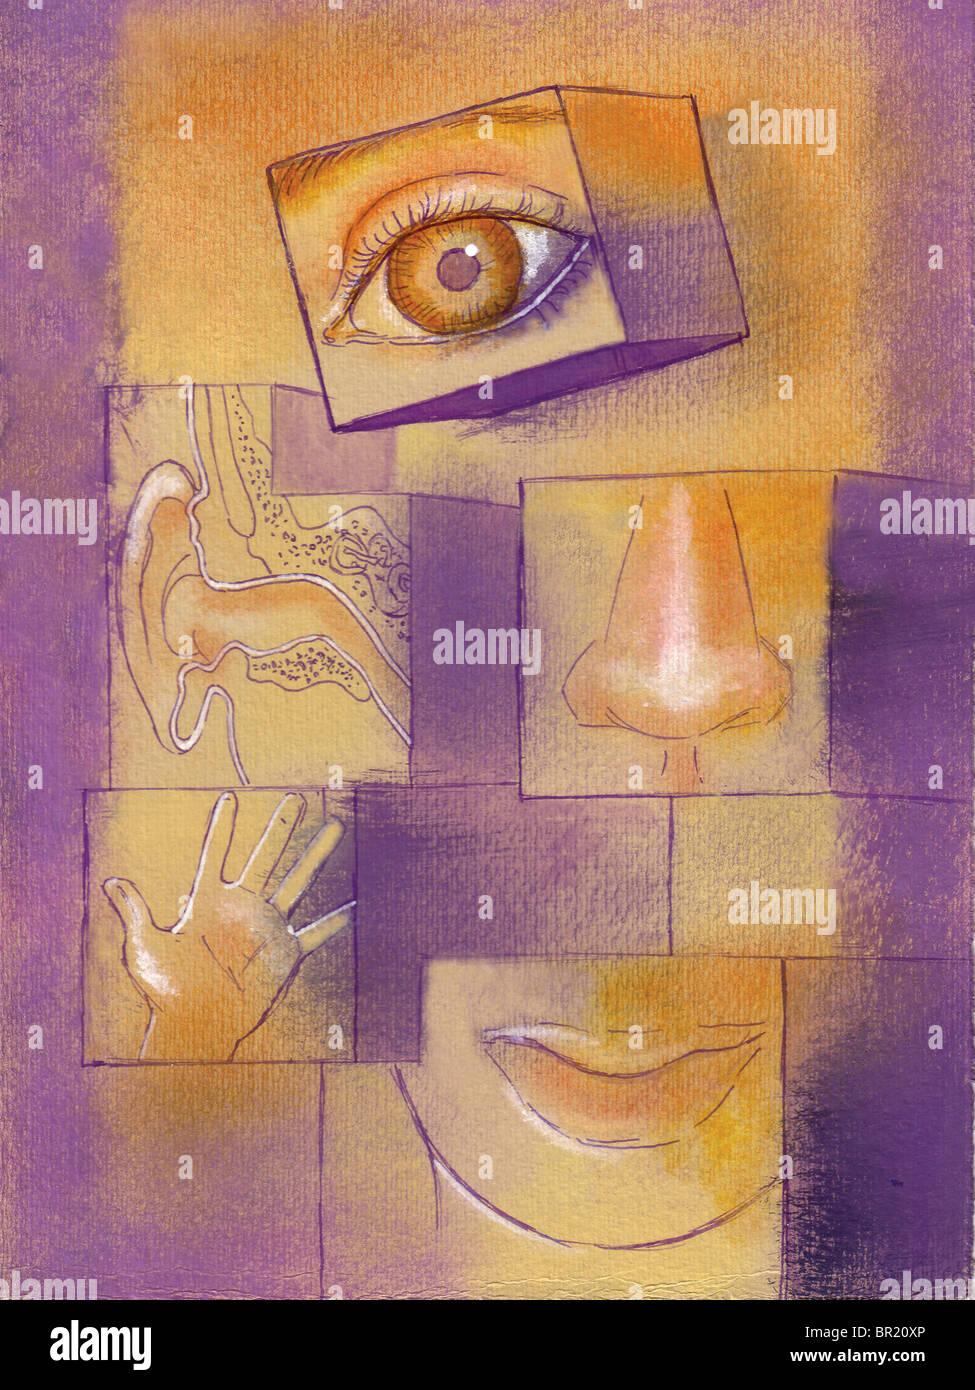 Blocs avec des illustrations sur les cinq sens sur eux Photo Stock